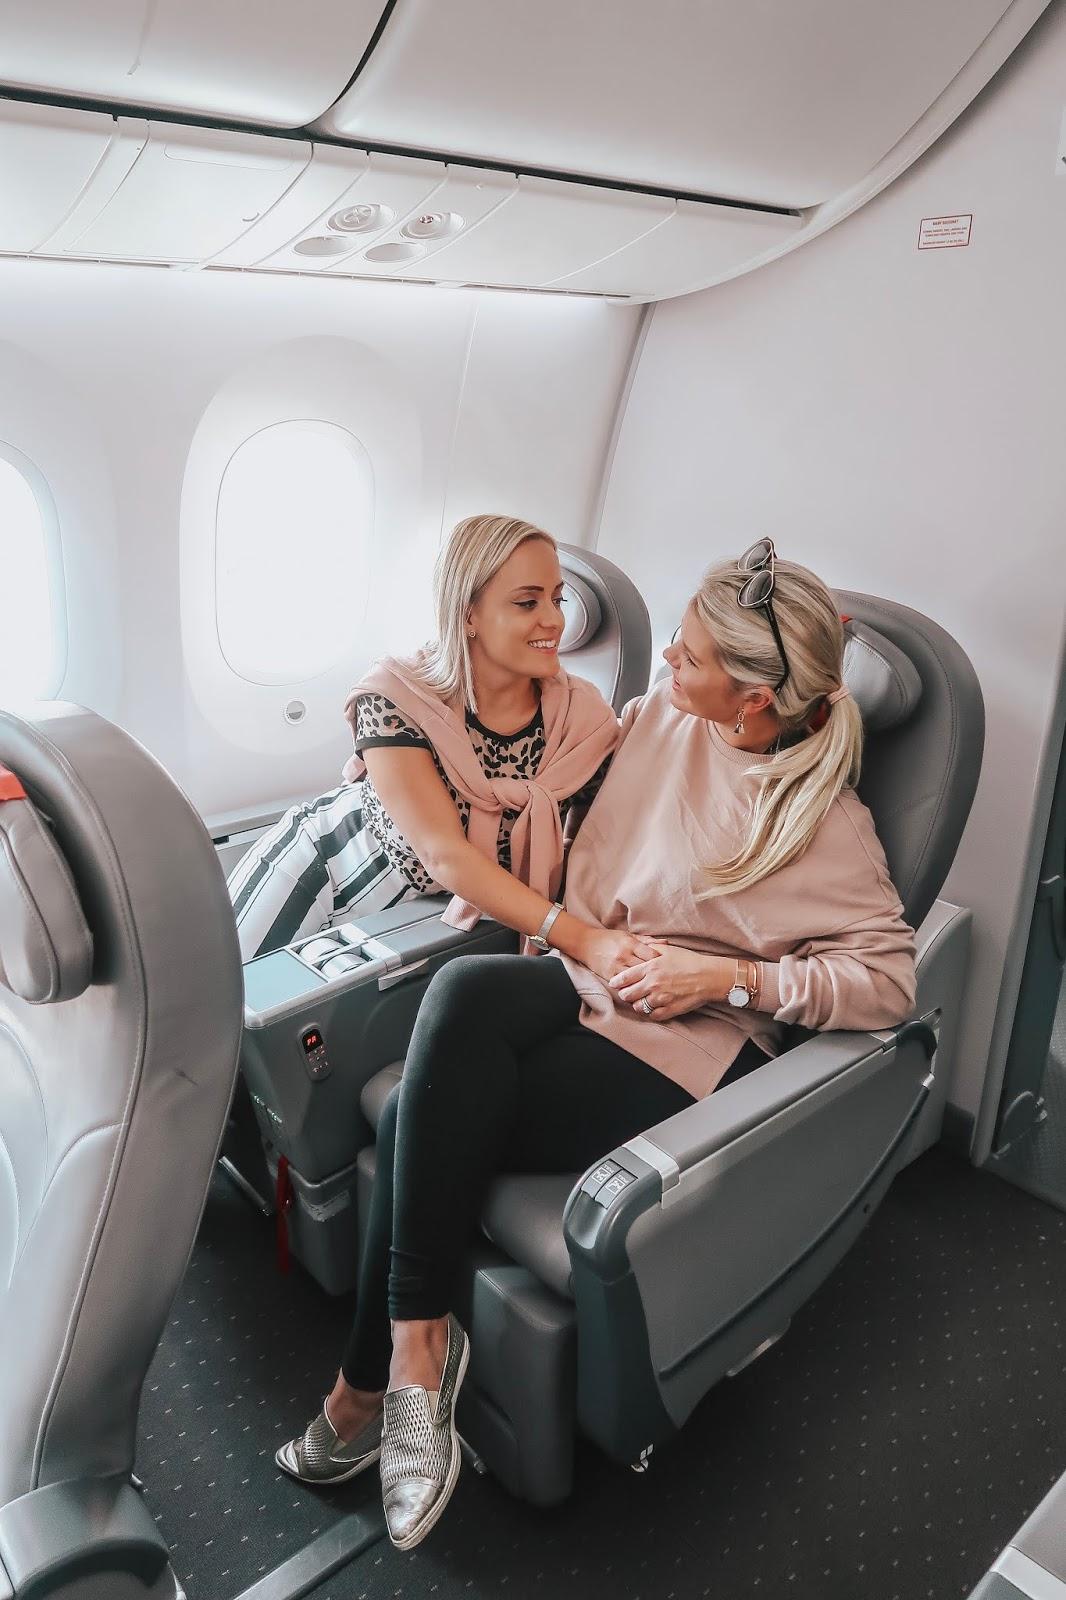 norwegian airline premium